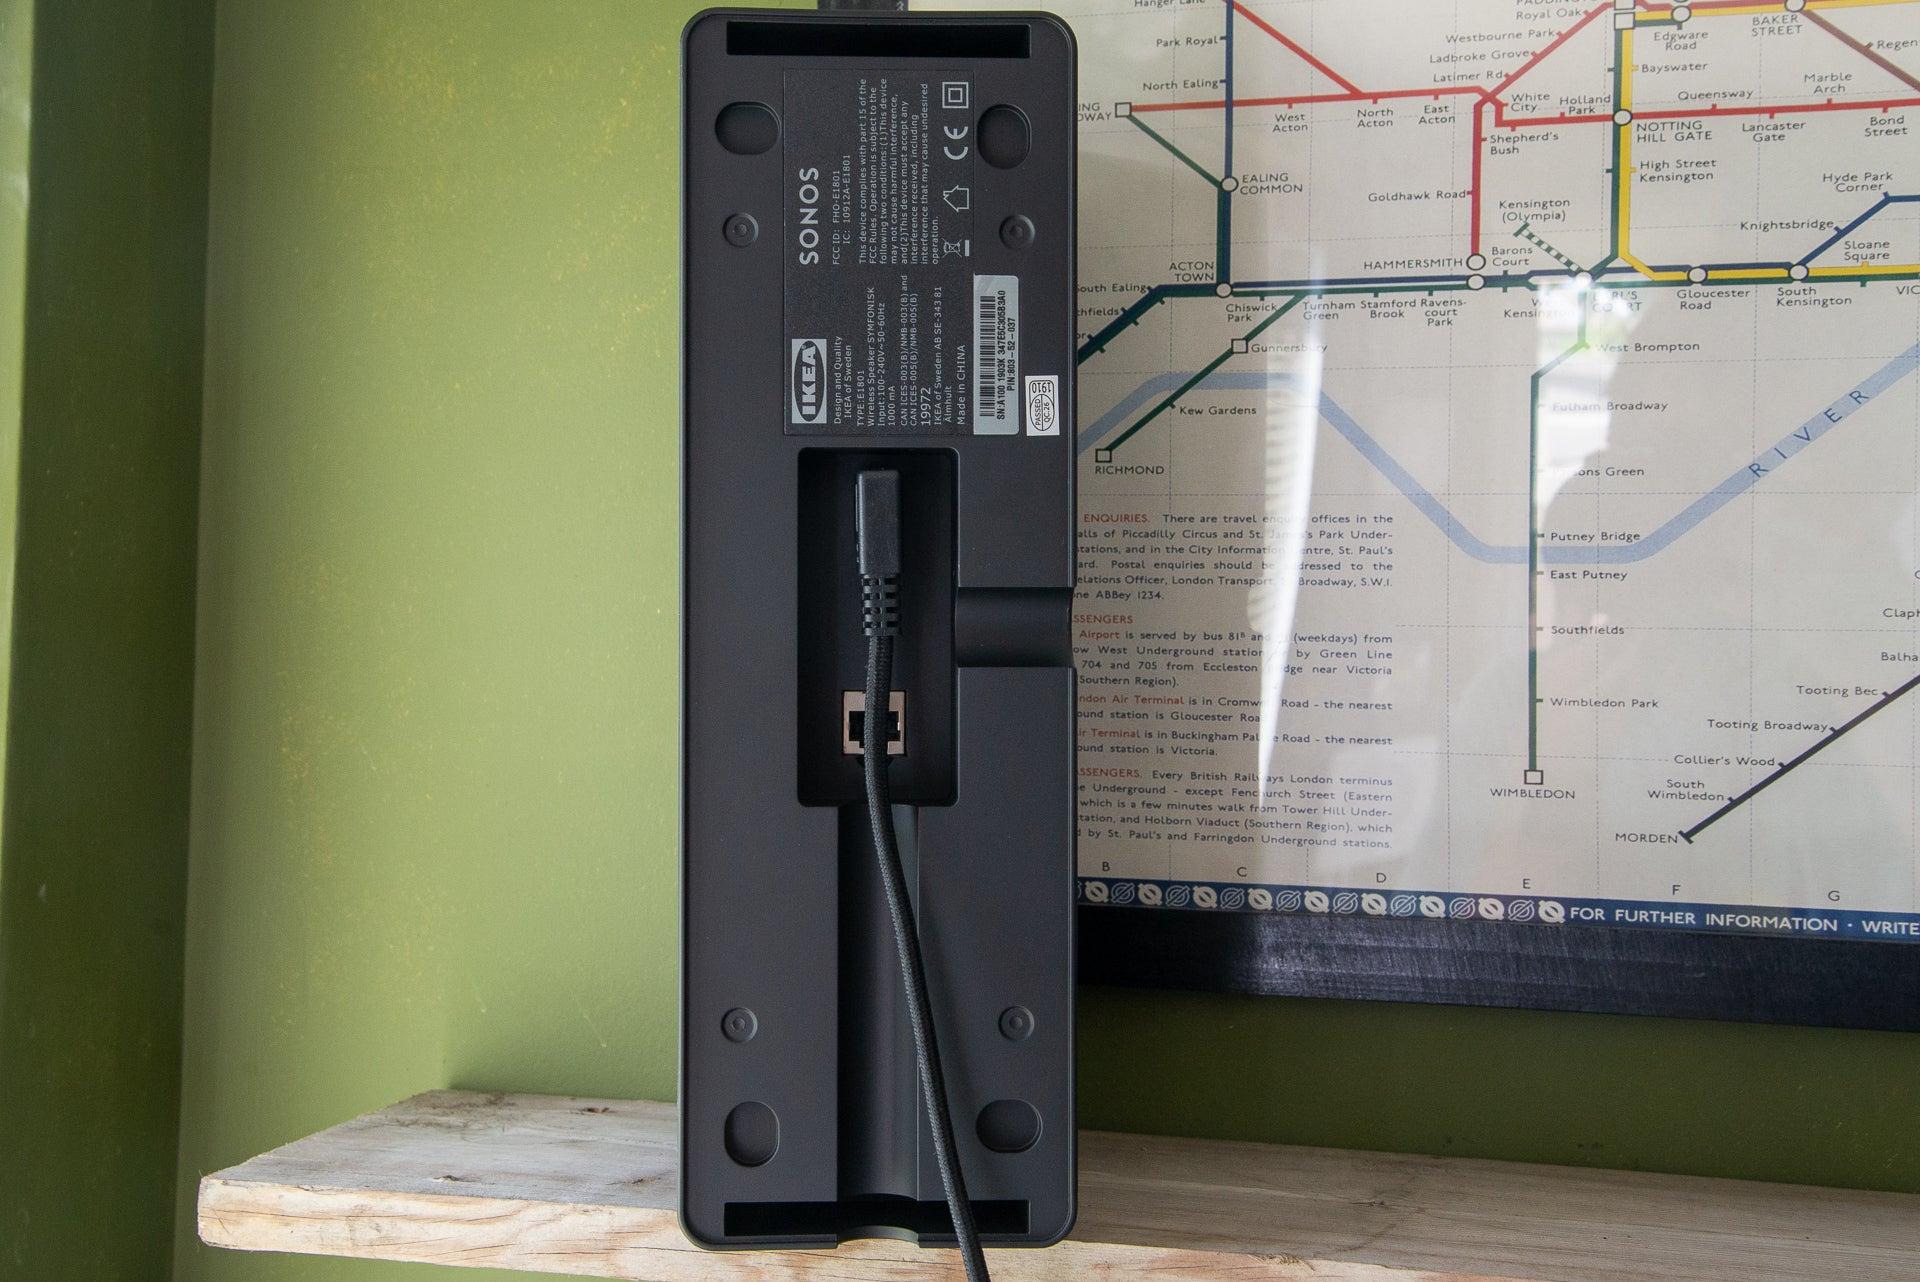 Ikea Symfonisk Bookshelf Speaker rear